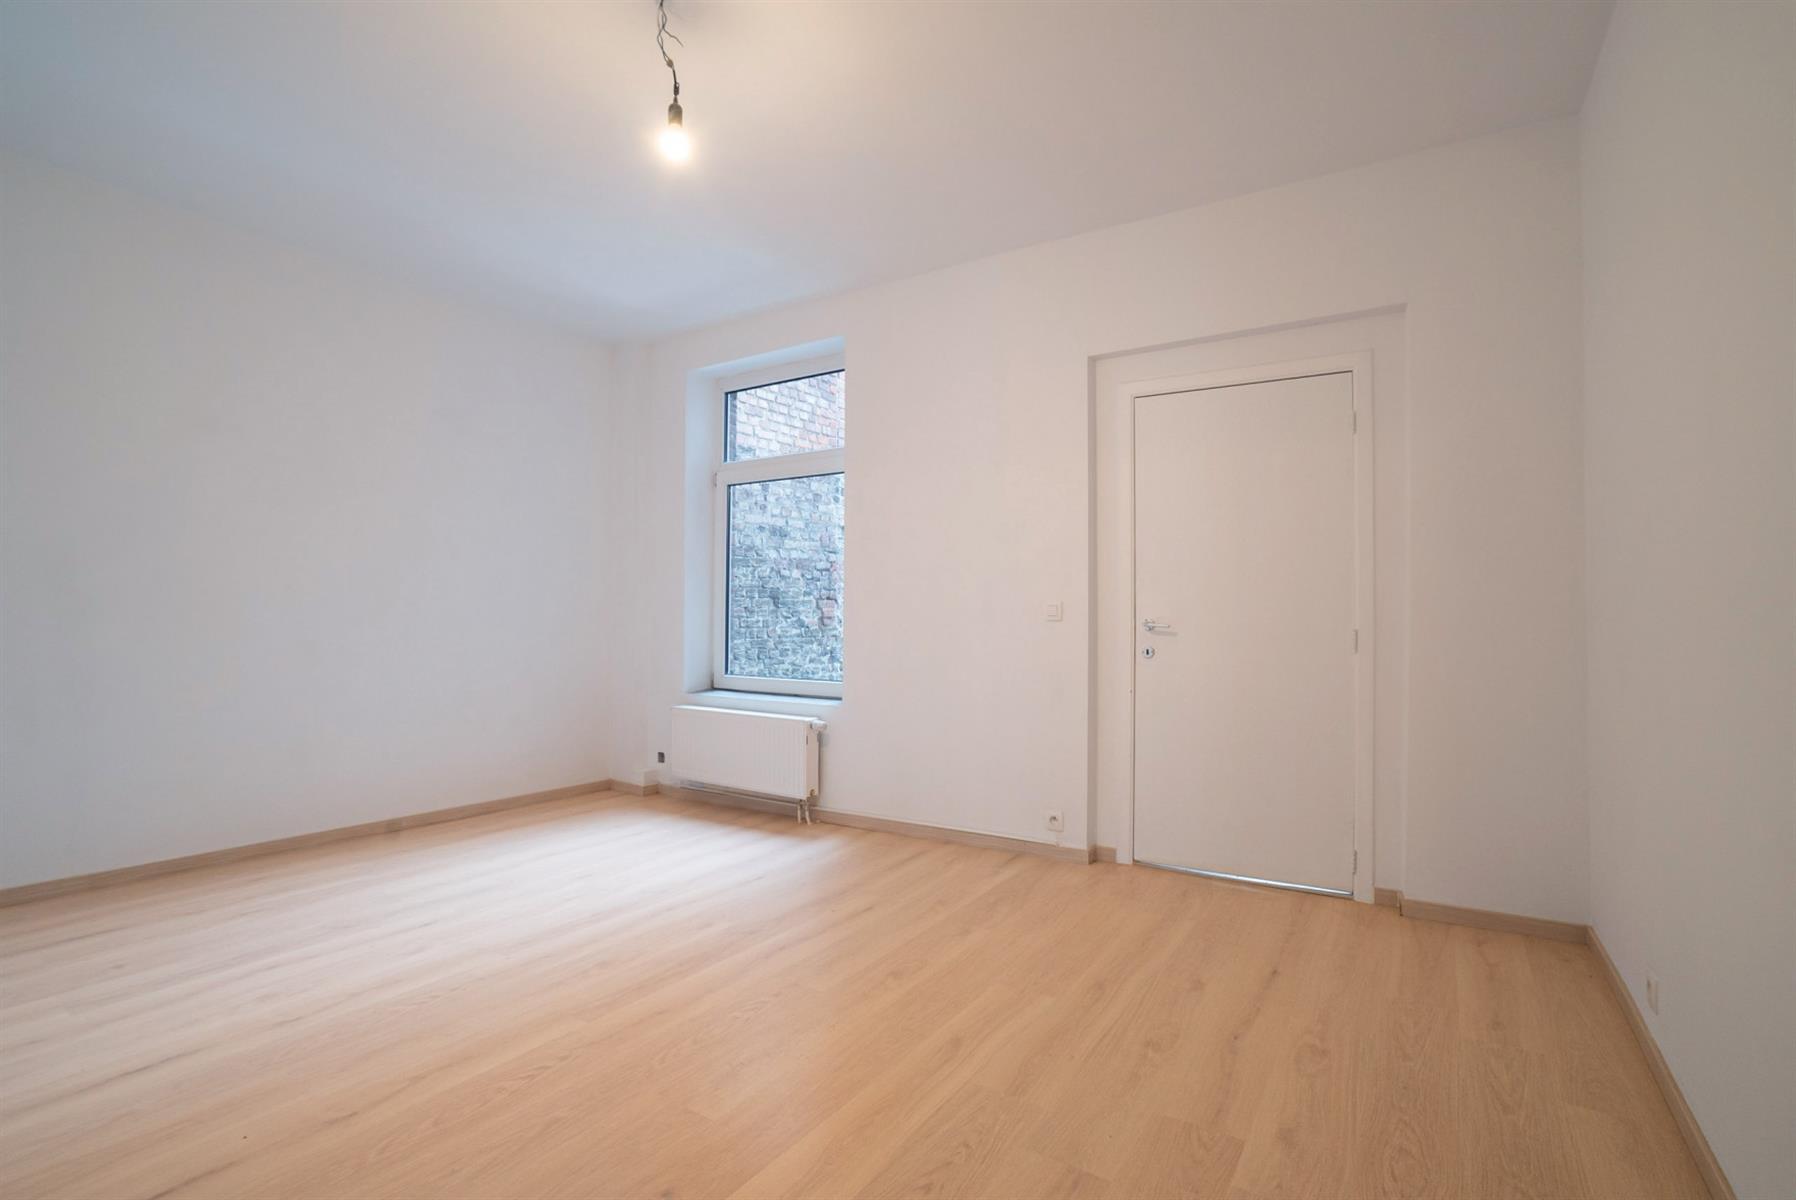 Appartement - Verviers - #4238531-2